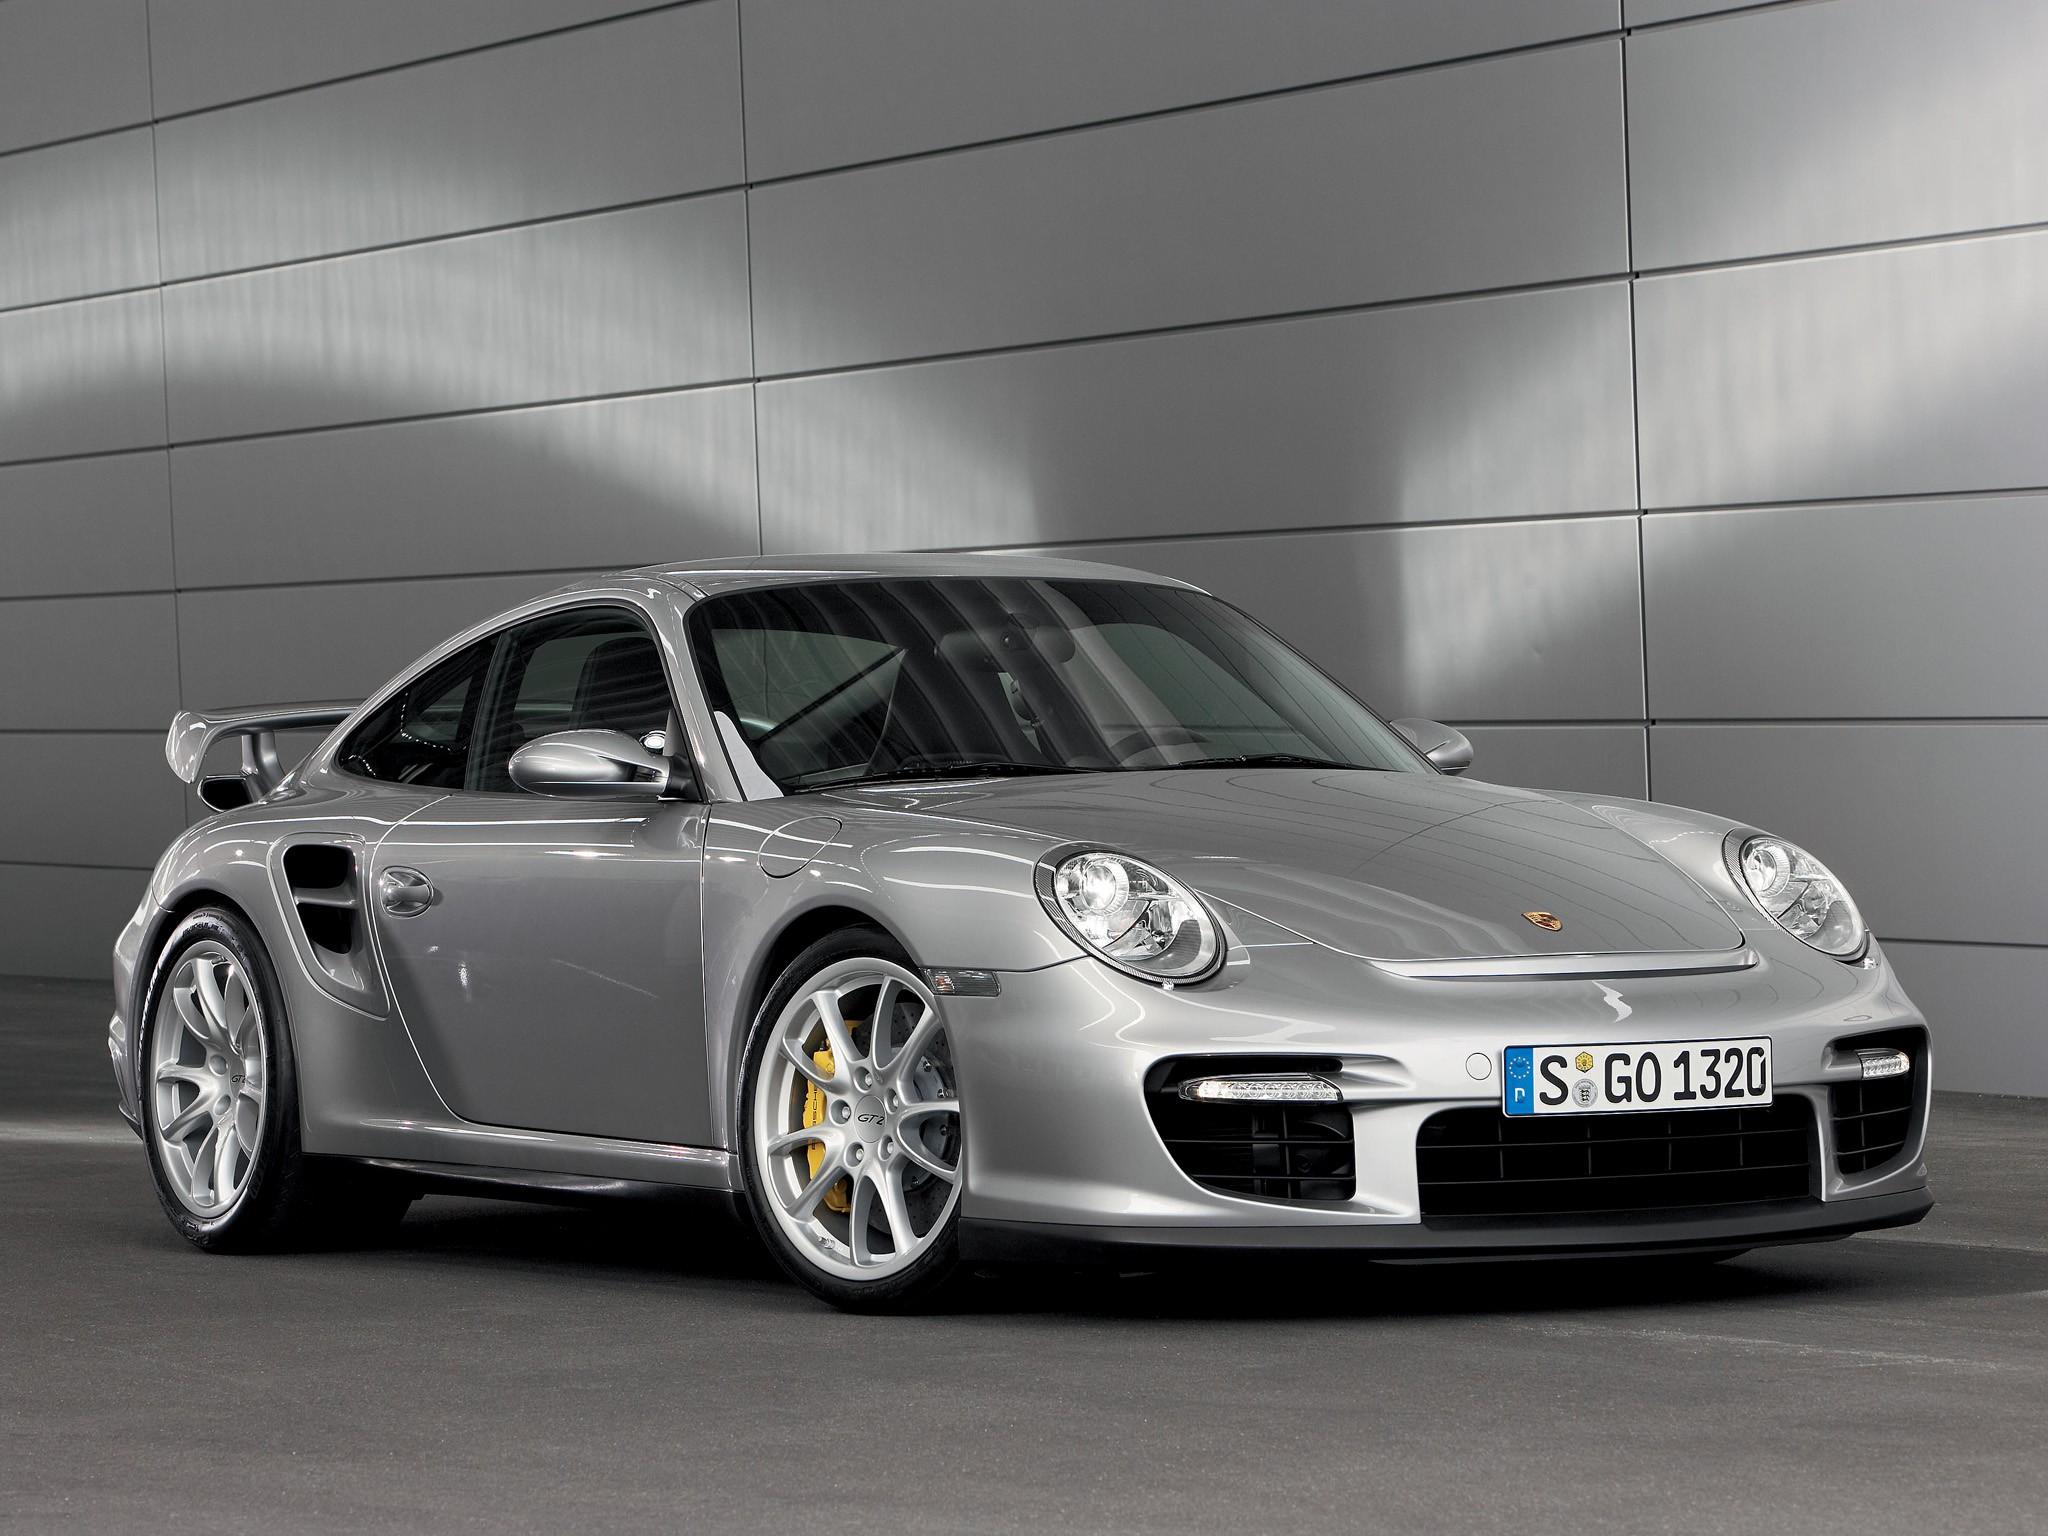 PORSCHE-911-GT2--997--2910_20 Stunning 2008 Porsche 911 Gt2 Horsepower Cars Trend